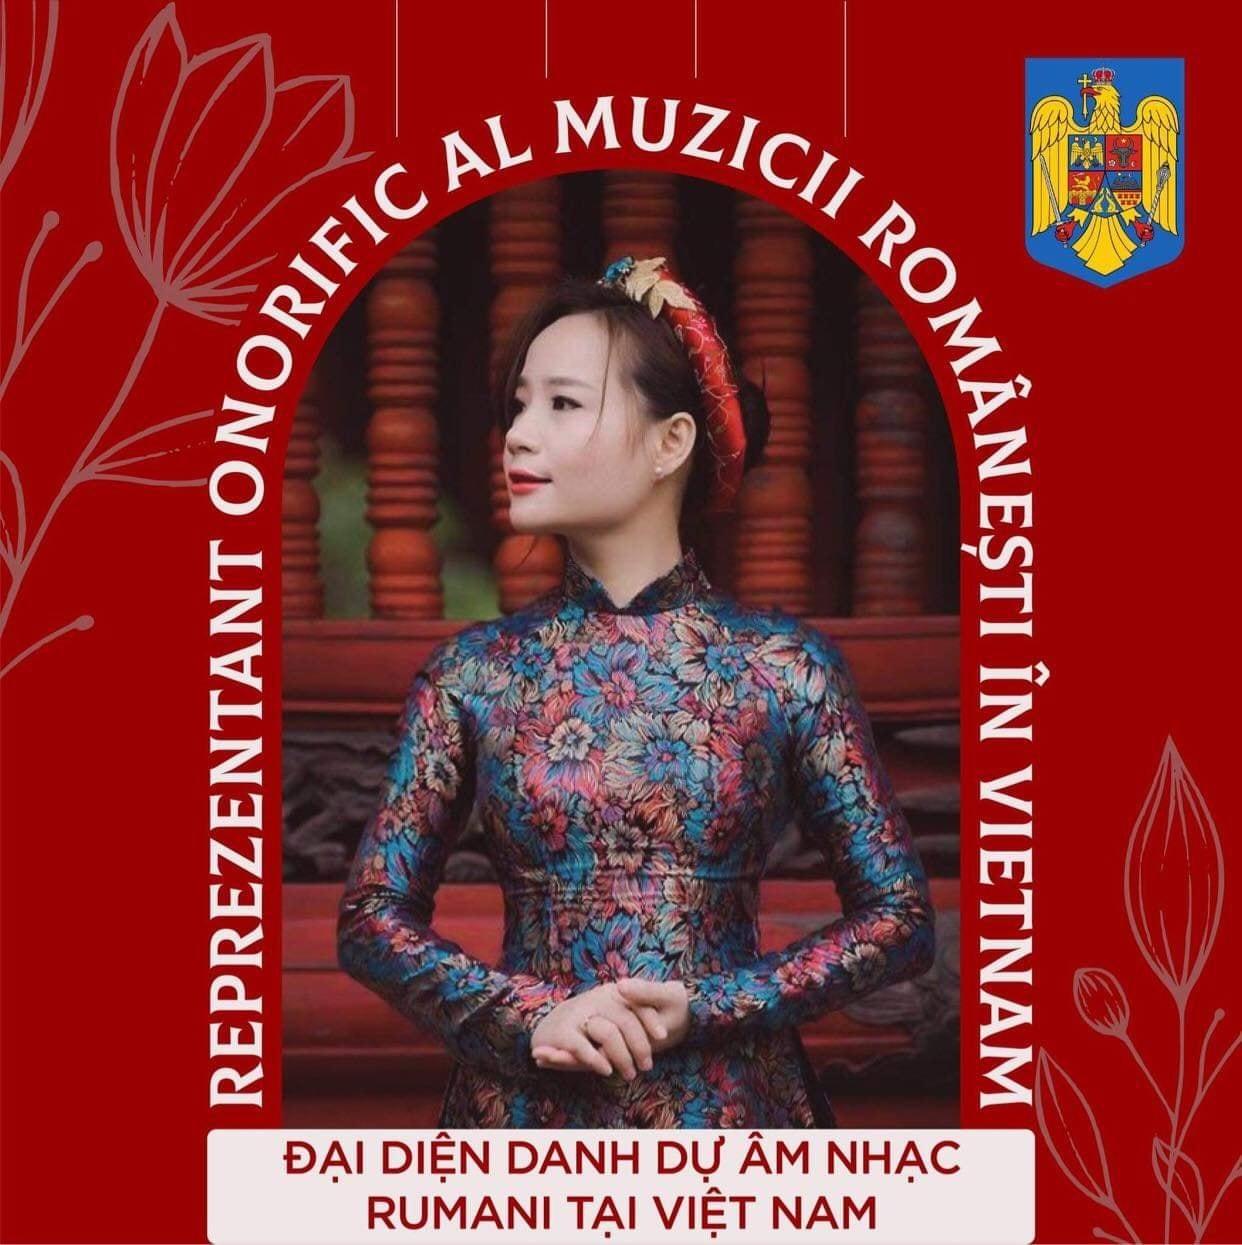 Nghệ sĩ, Tiến sĩ Cello Đinh Hoài Xuân– Đại diện Danh dự Âm nhạc Rumani tại Việt Nam